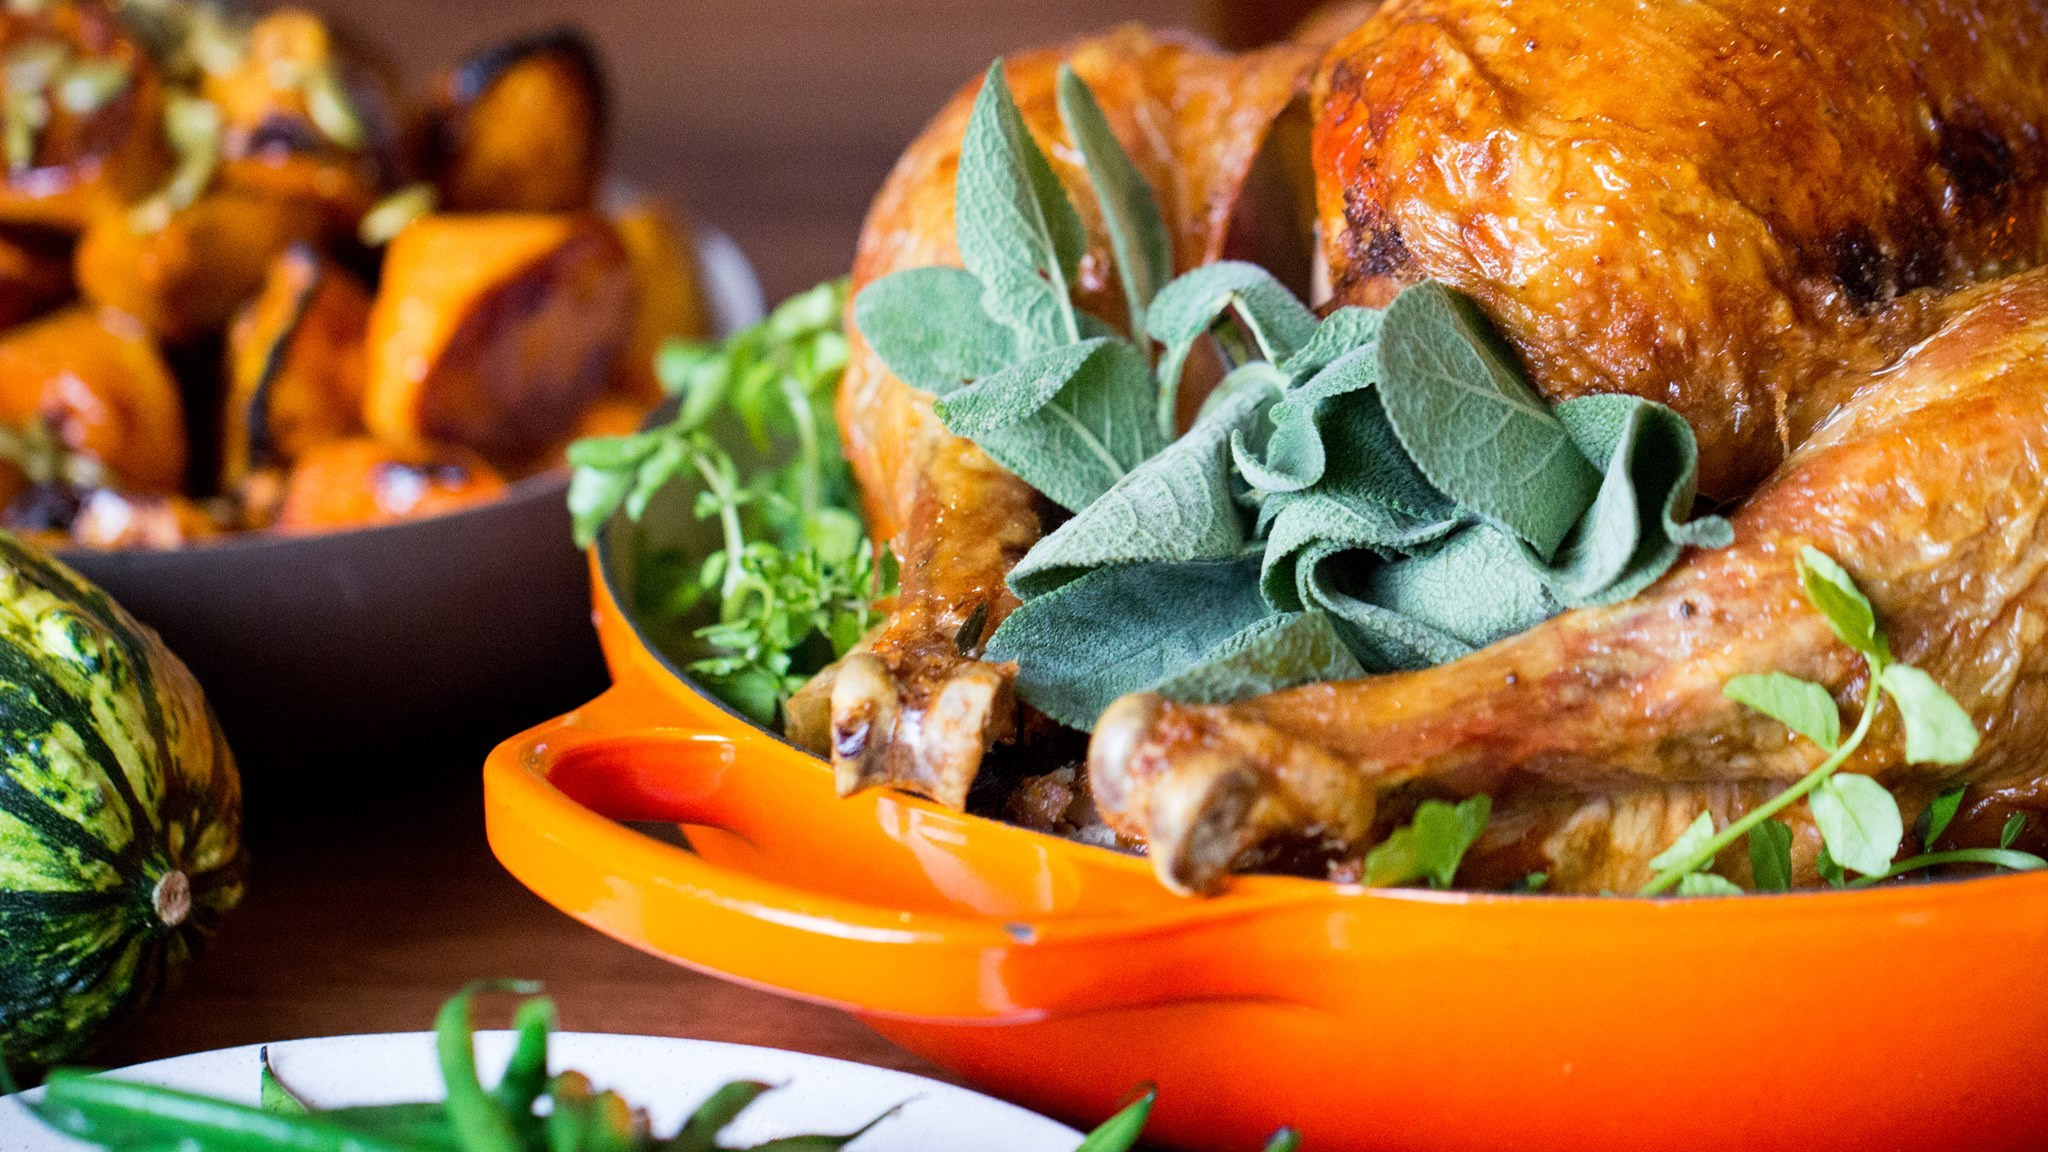 Restaurants Serving Thanksgiving Dinner 2018  Restaurants that Serve Thanksgiving Dinner in Seattle